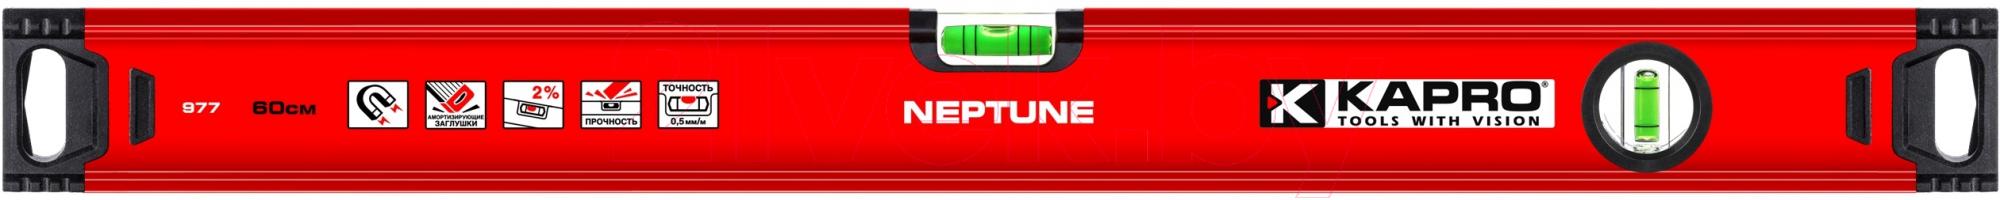 Купить Уровень строительный Kapro, Neptune 977-40-200, Израиль